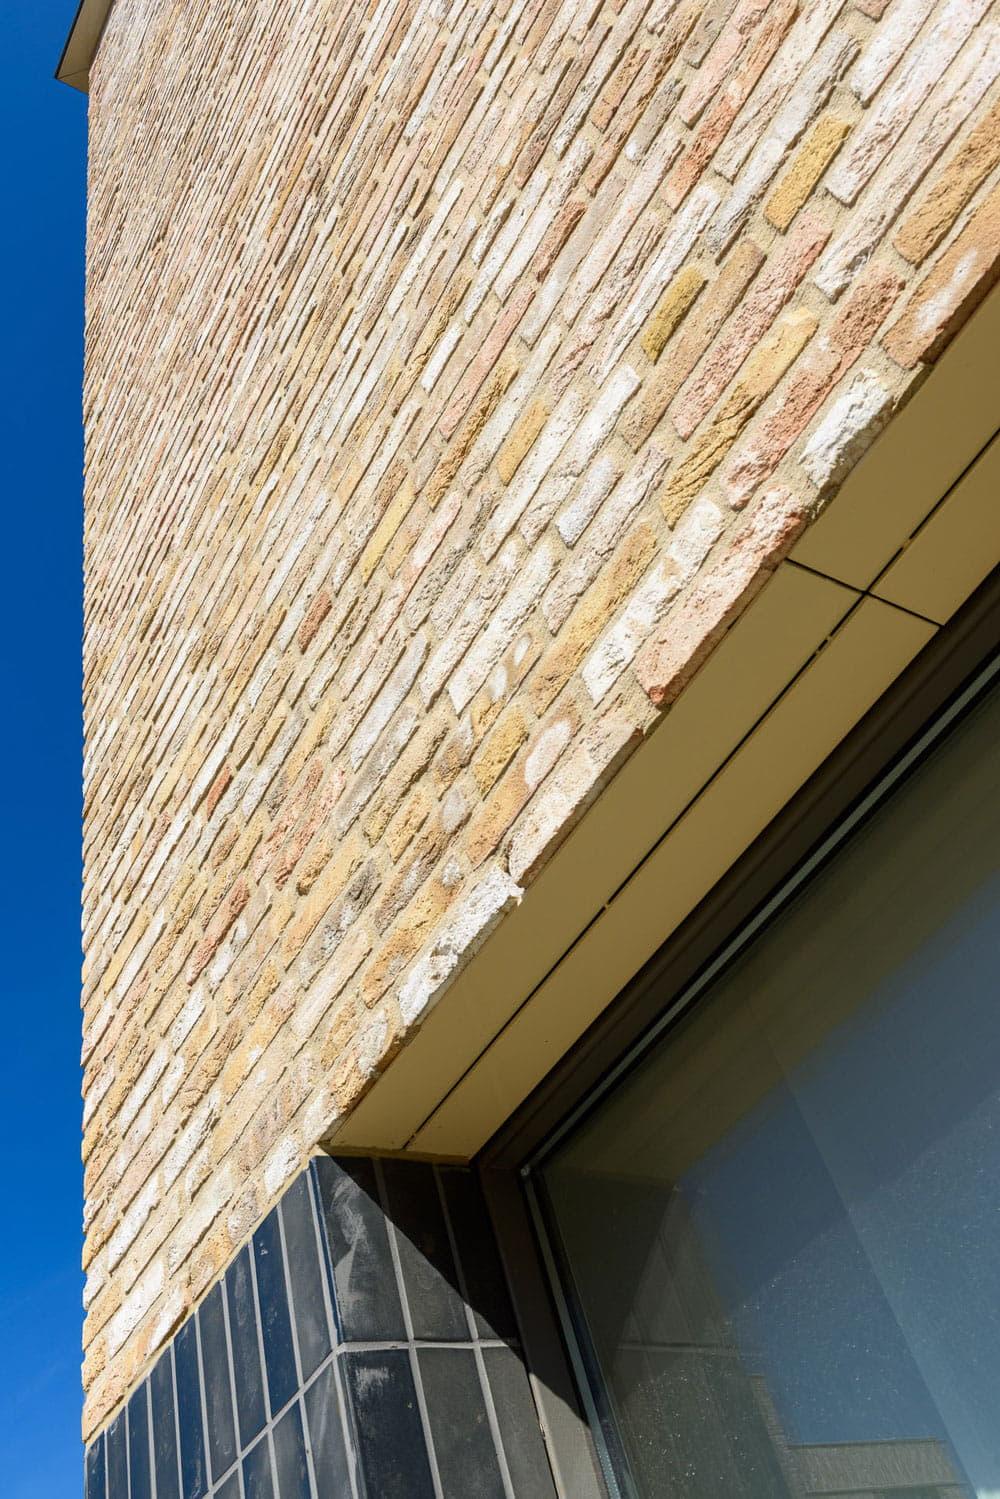 Strijp R detail van een gevel met lichte bakstenen en een negge met blauwe tegels van St Joris